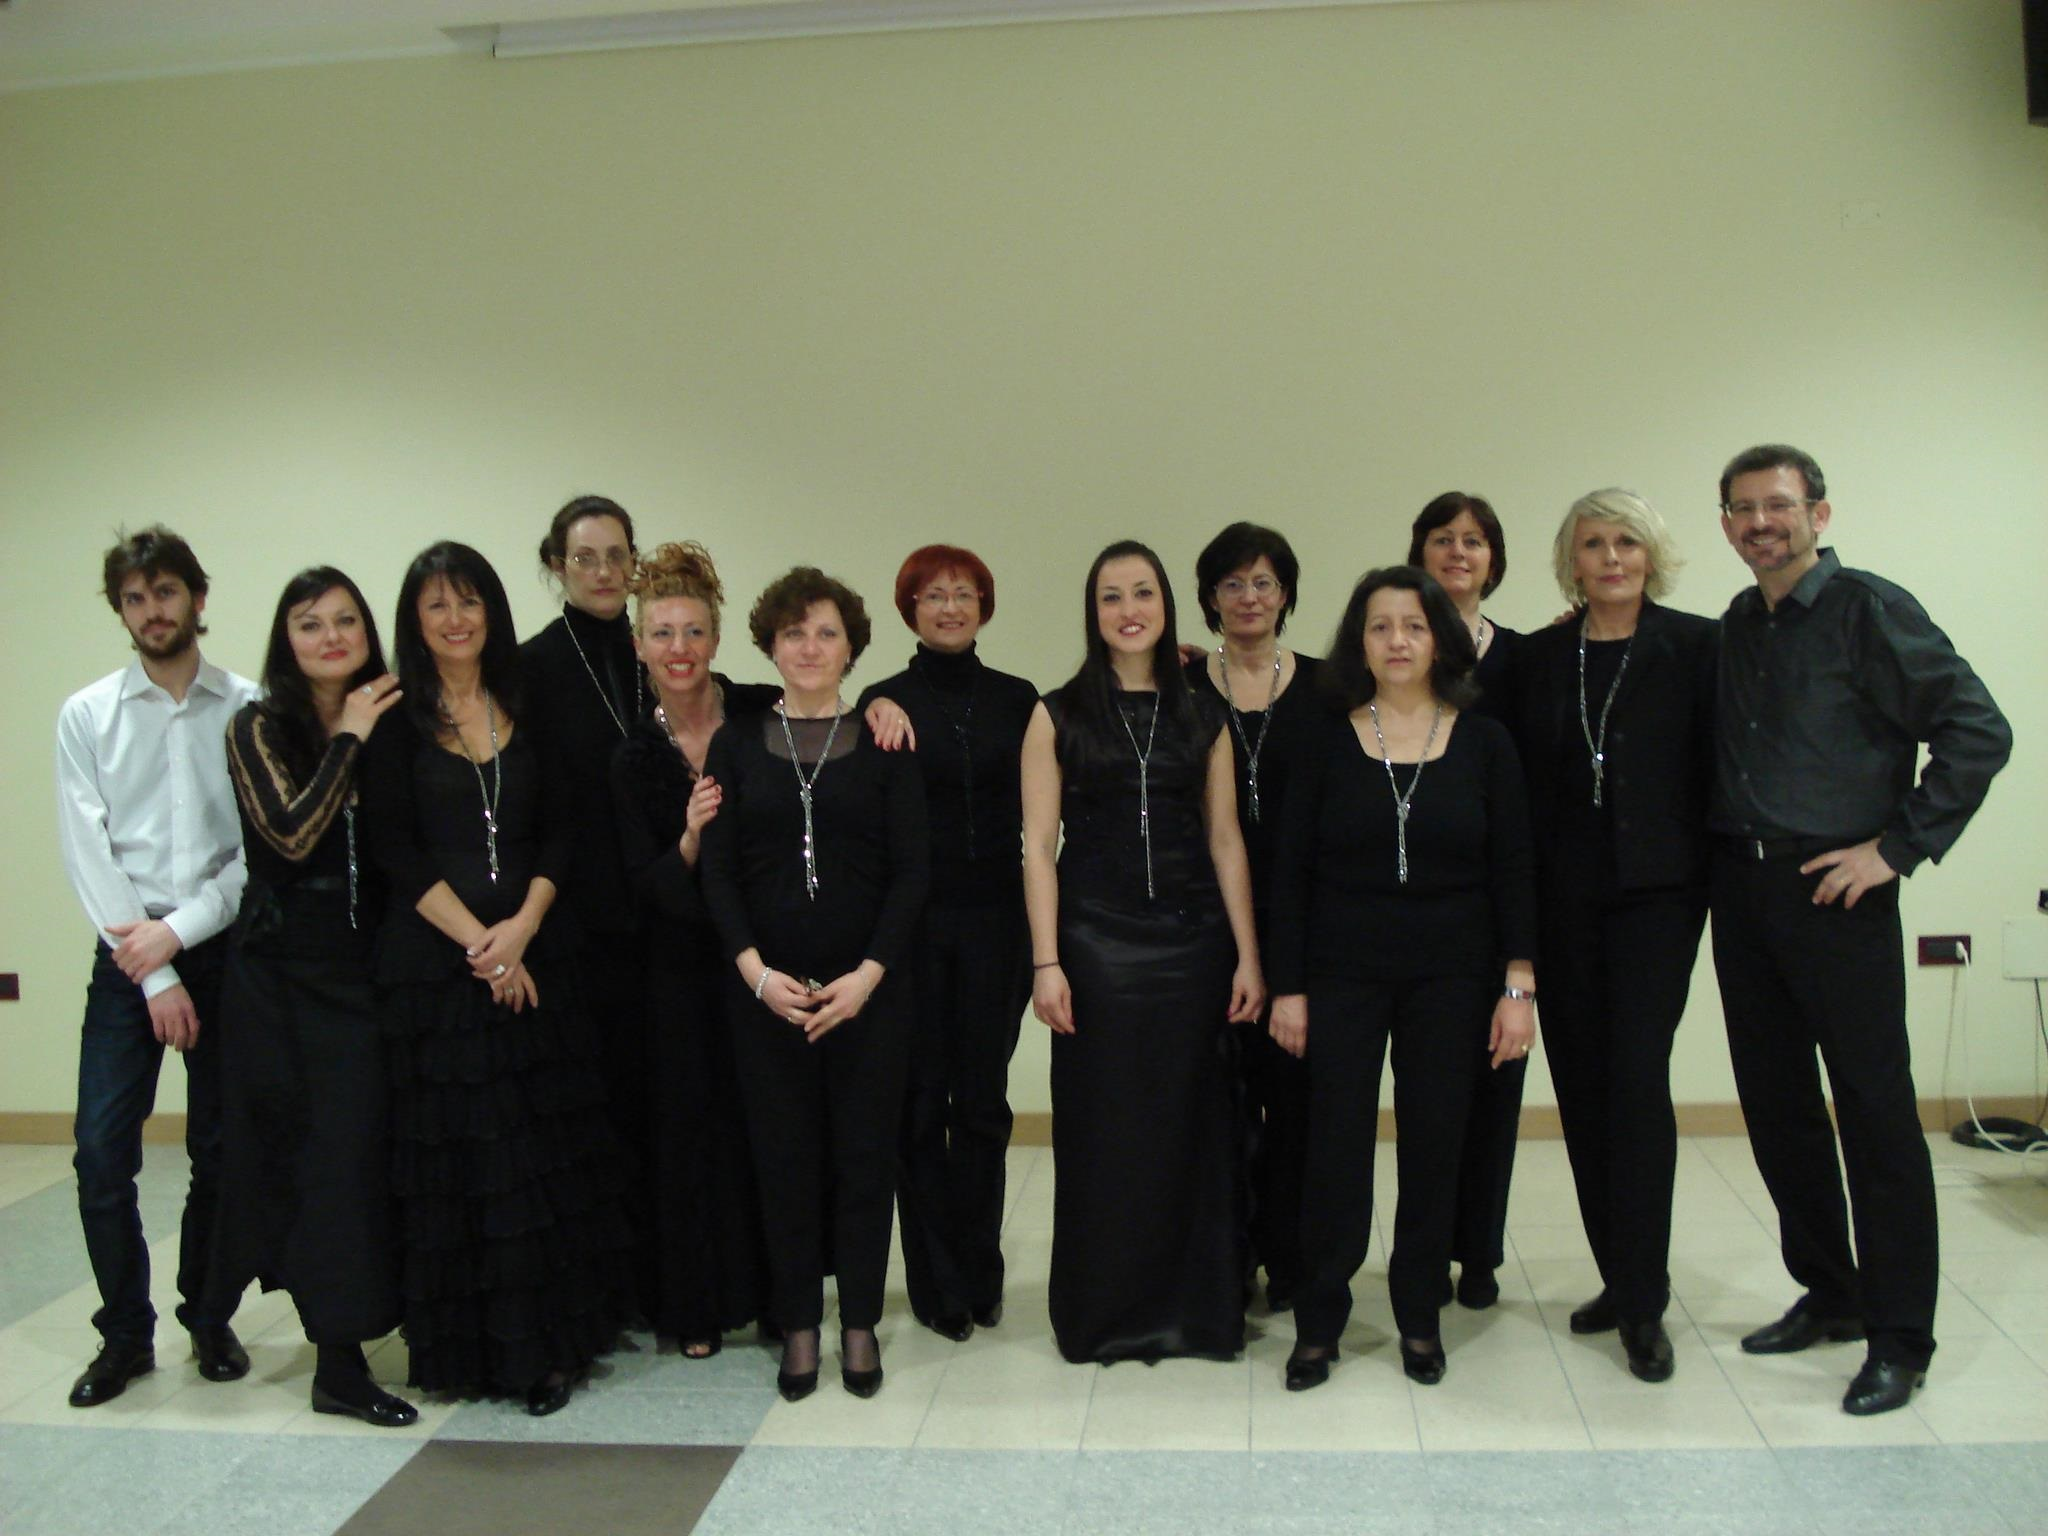 Concerto al femminile per il 56esimo Ciclo dei Concerti di Ottobre 2014 al Santuario della Madonna Pellegrina